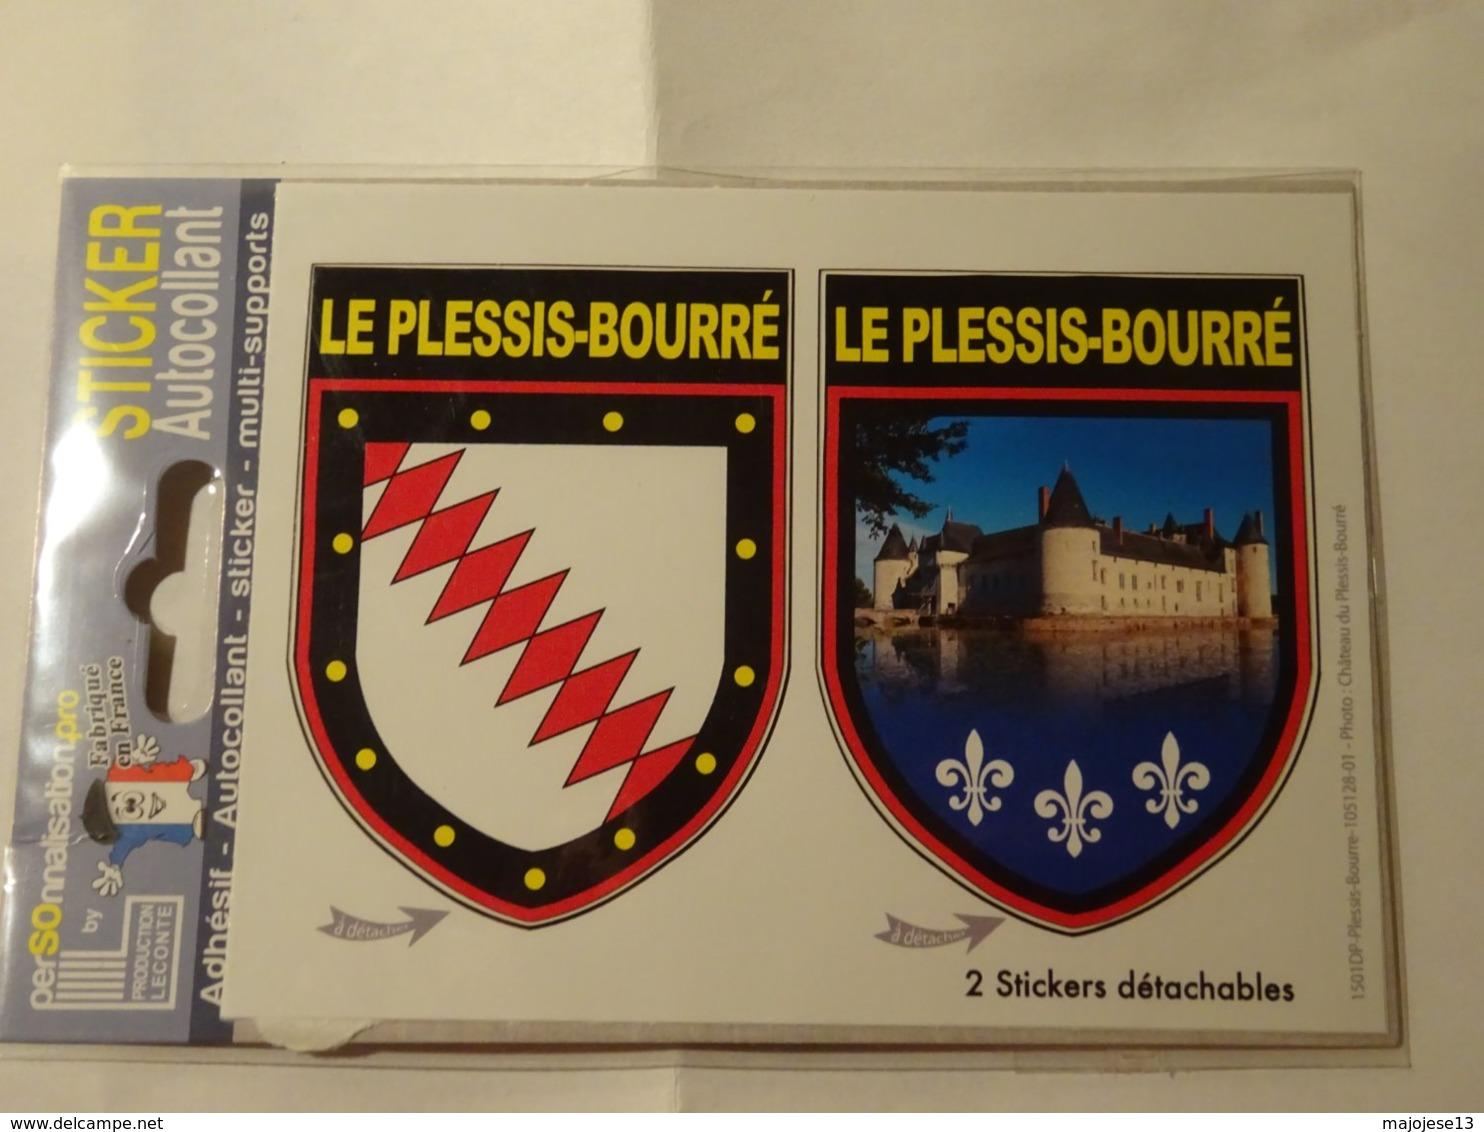 Carte Blason Blasons écusson Adhésif Autocollant Coat Of Arms Le Plessis Bourré (Maine Et Loire) - Obj. 'Souvenir De'